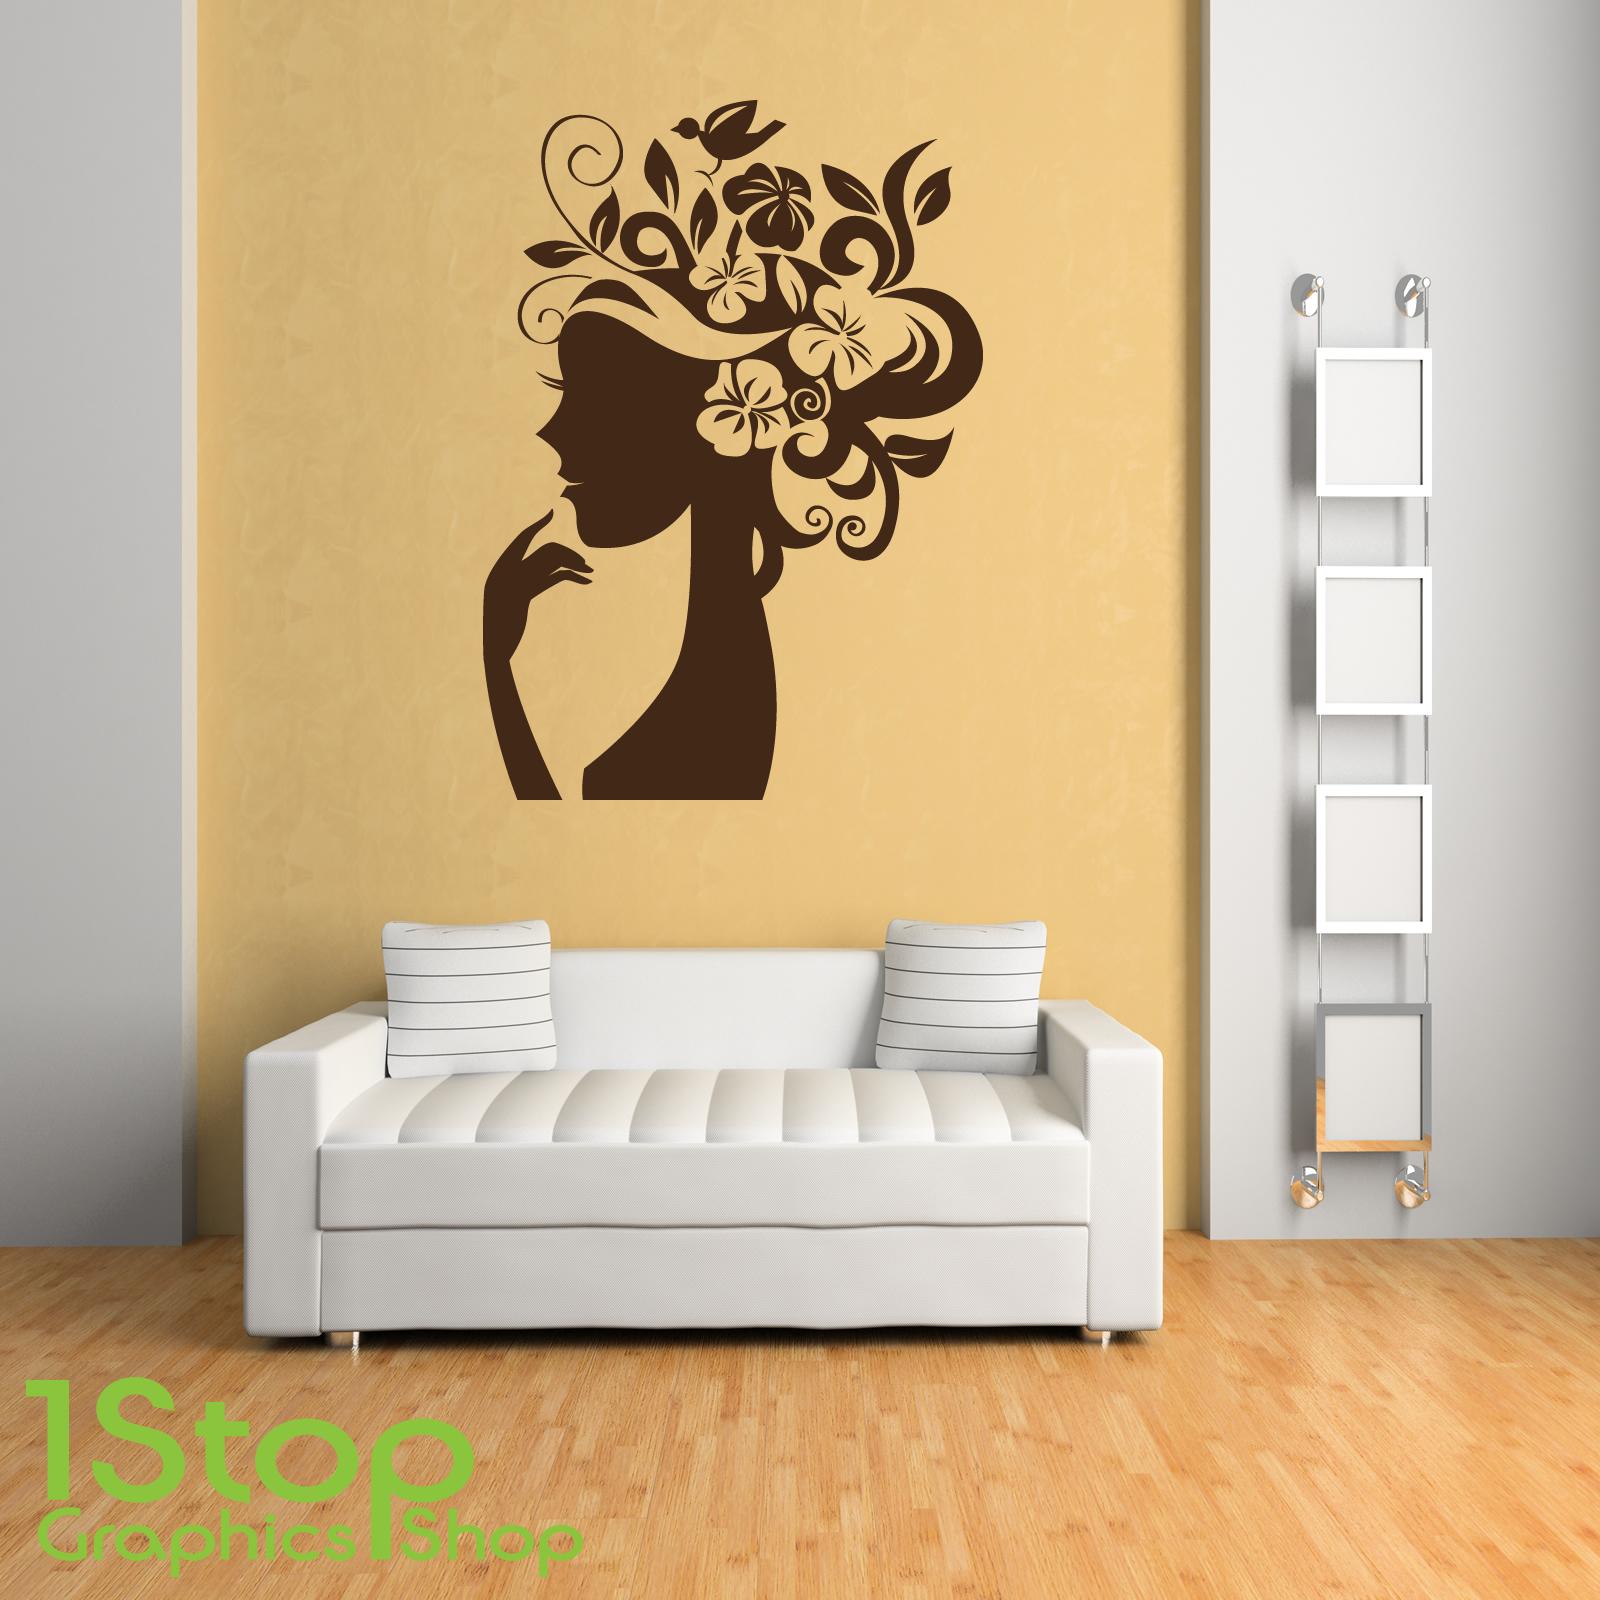 WOMEN SILHOUETTE WALL STICKER - BEDROOM LOUNGE WALL ART DECAL X392 ...